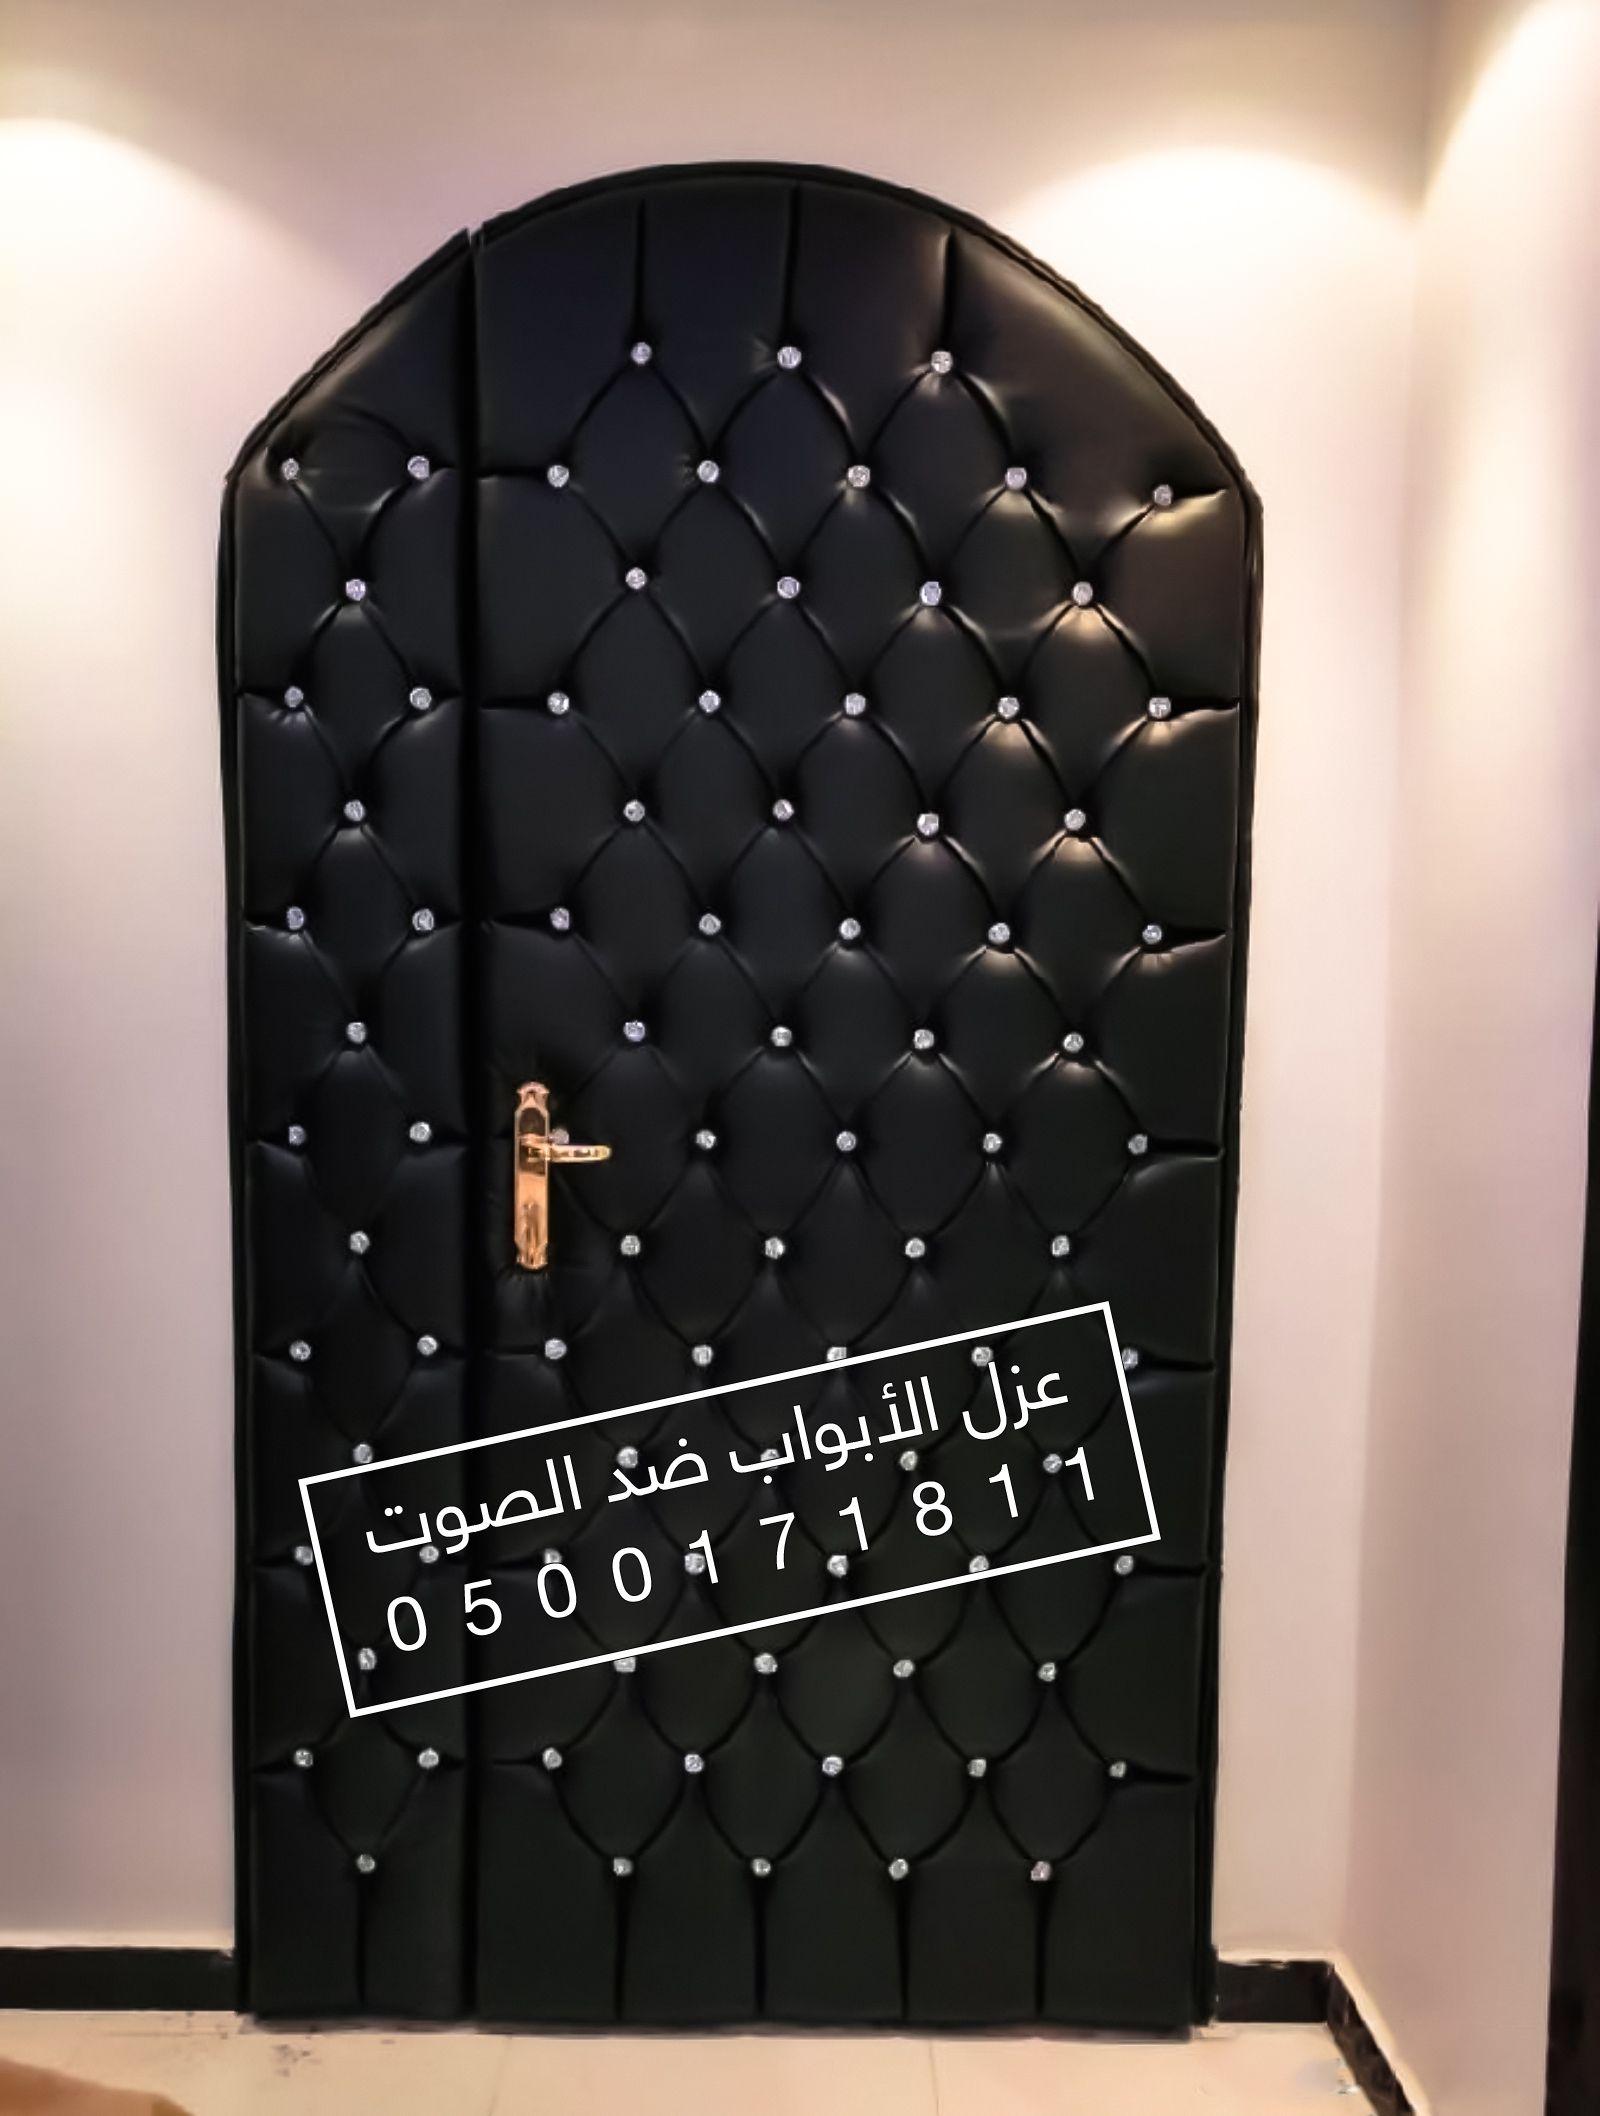 عزل الباب الدرفتين الخشبية و الحديدية في الرياض Home Decor Decals Home Decor House Design